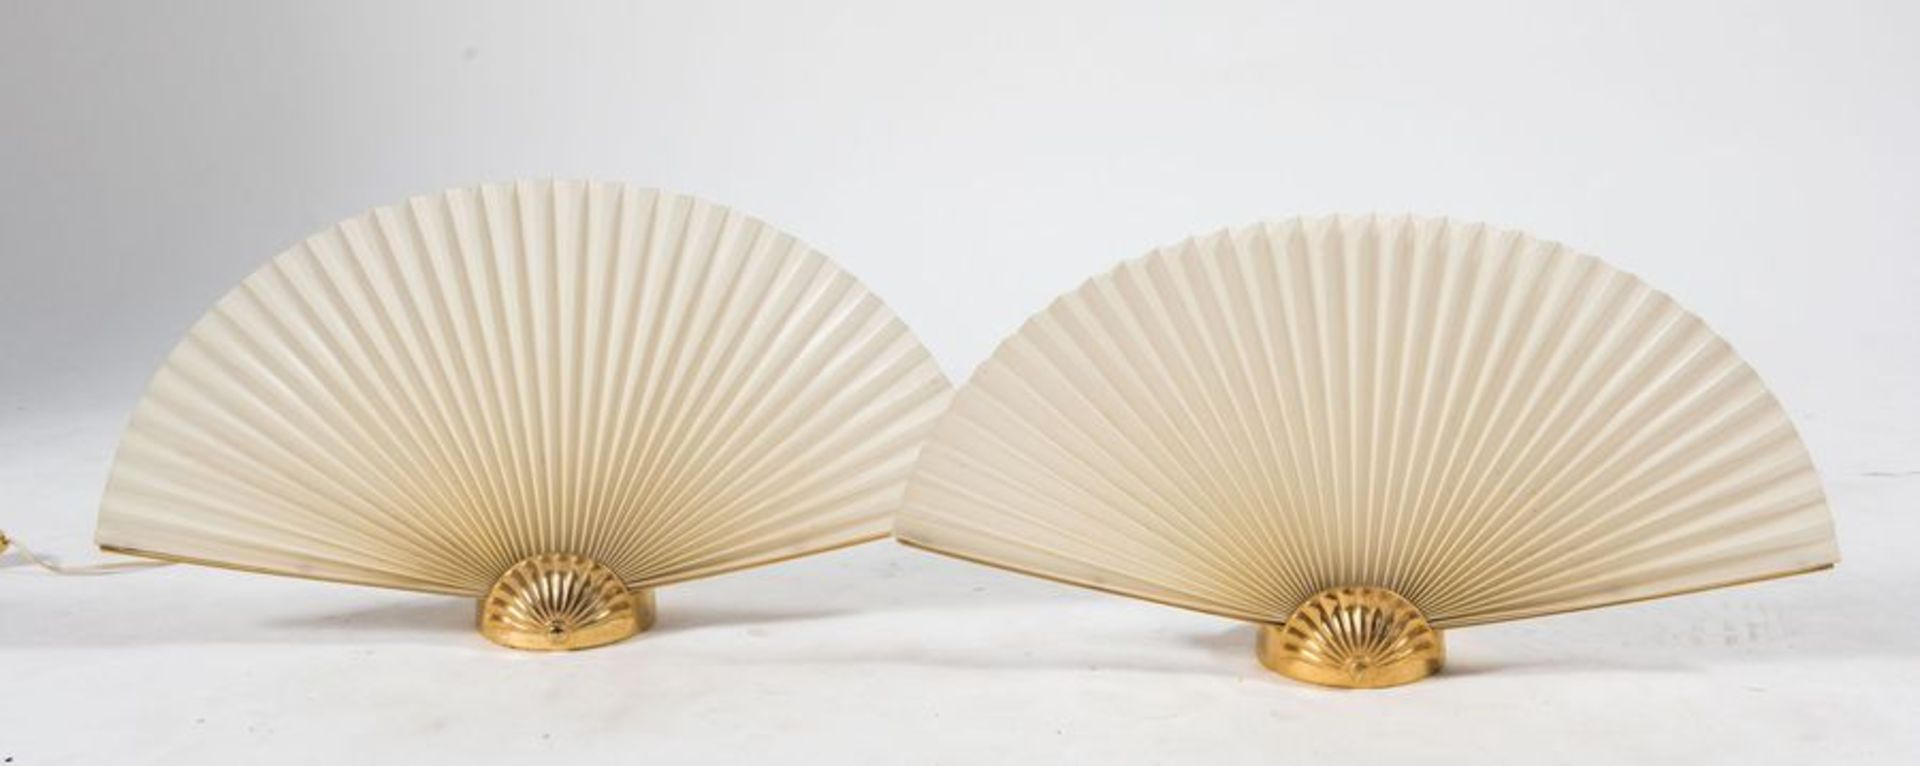 Coppia di lampade da tavolo in metallo e ventaglio in carta. Prod. Italia, 1970 ca. Cm 30x52x11,5.